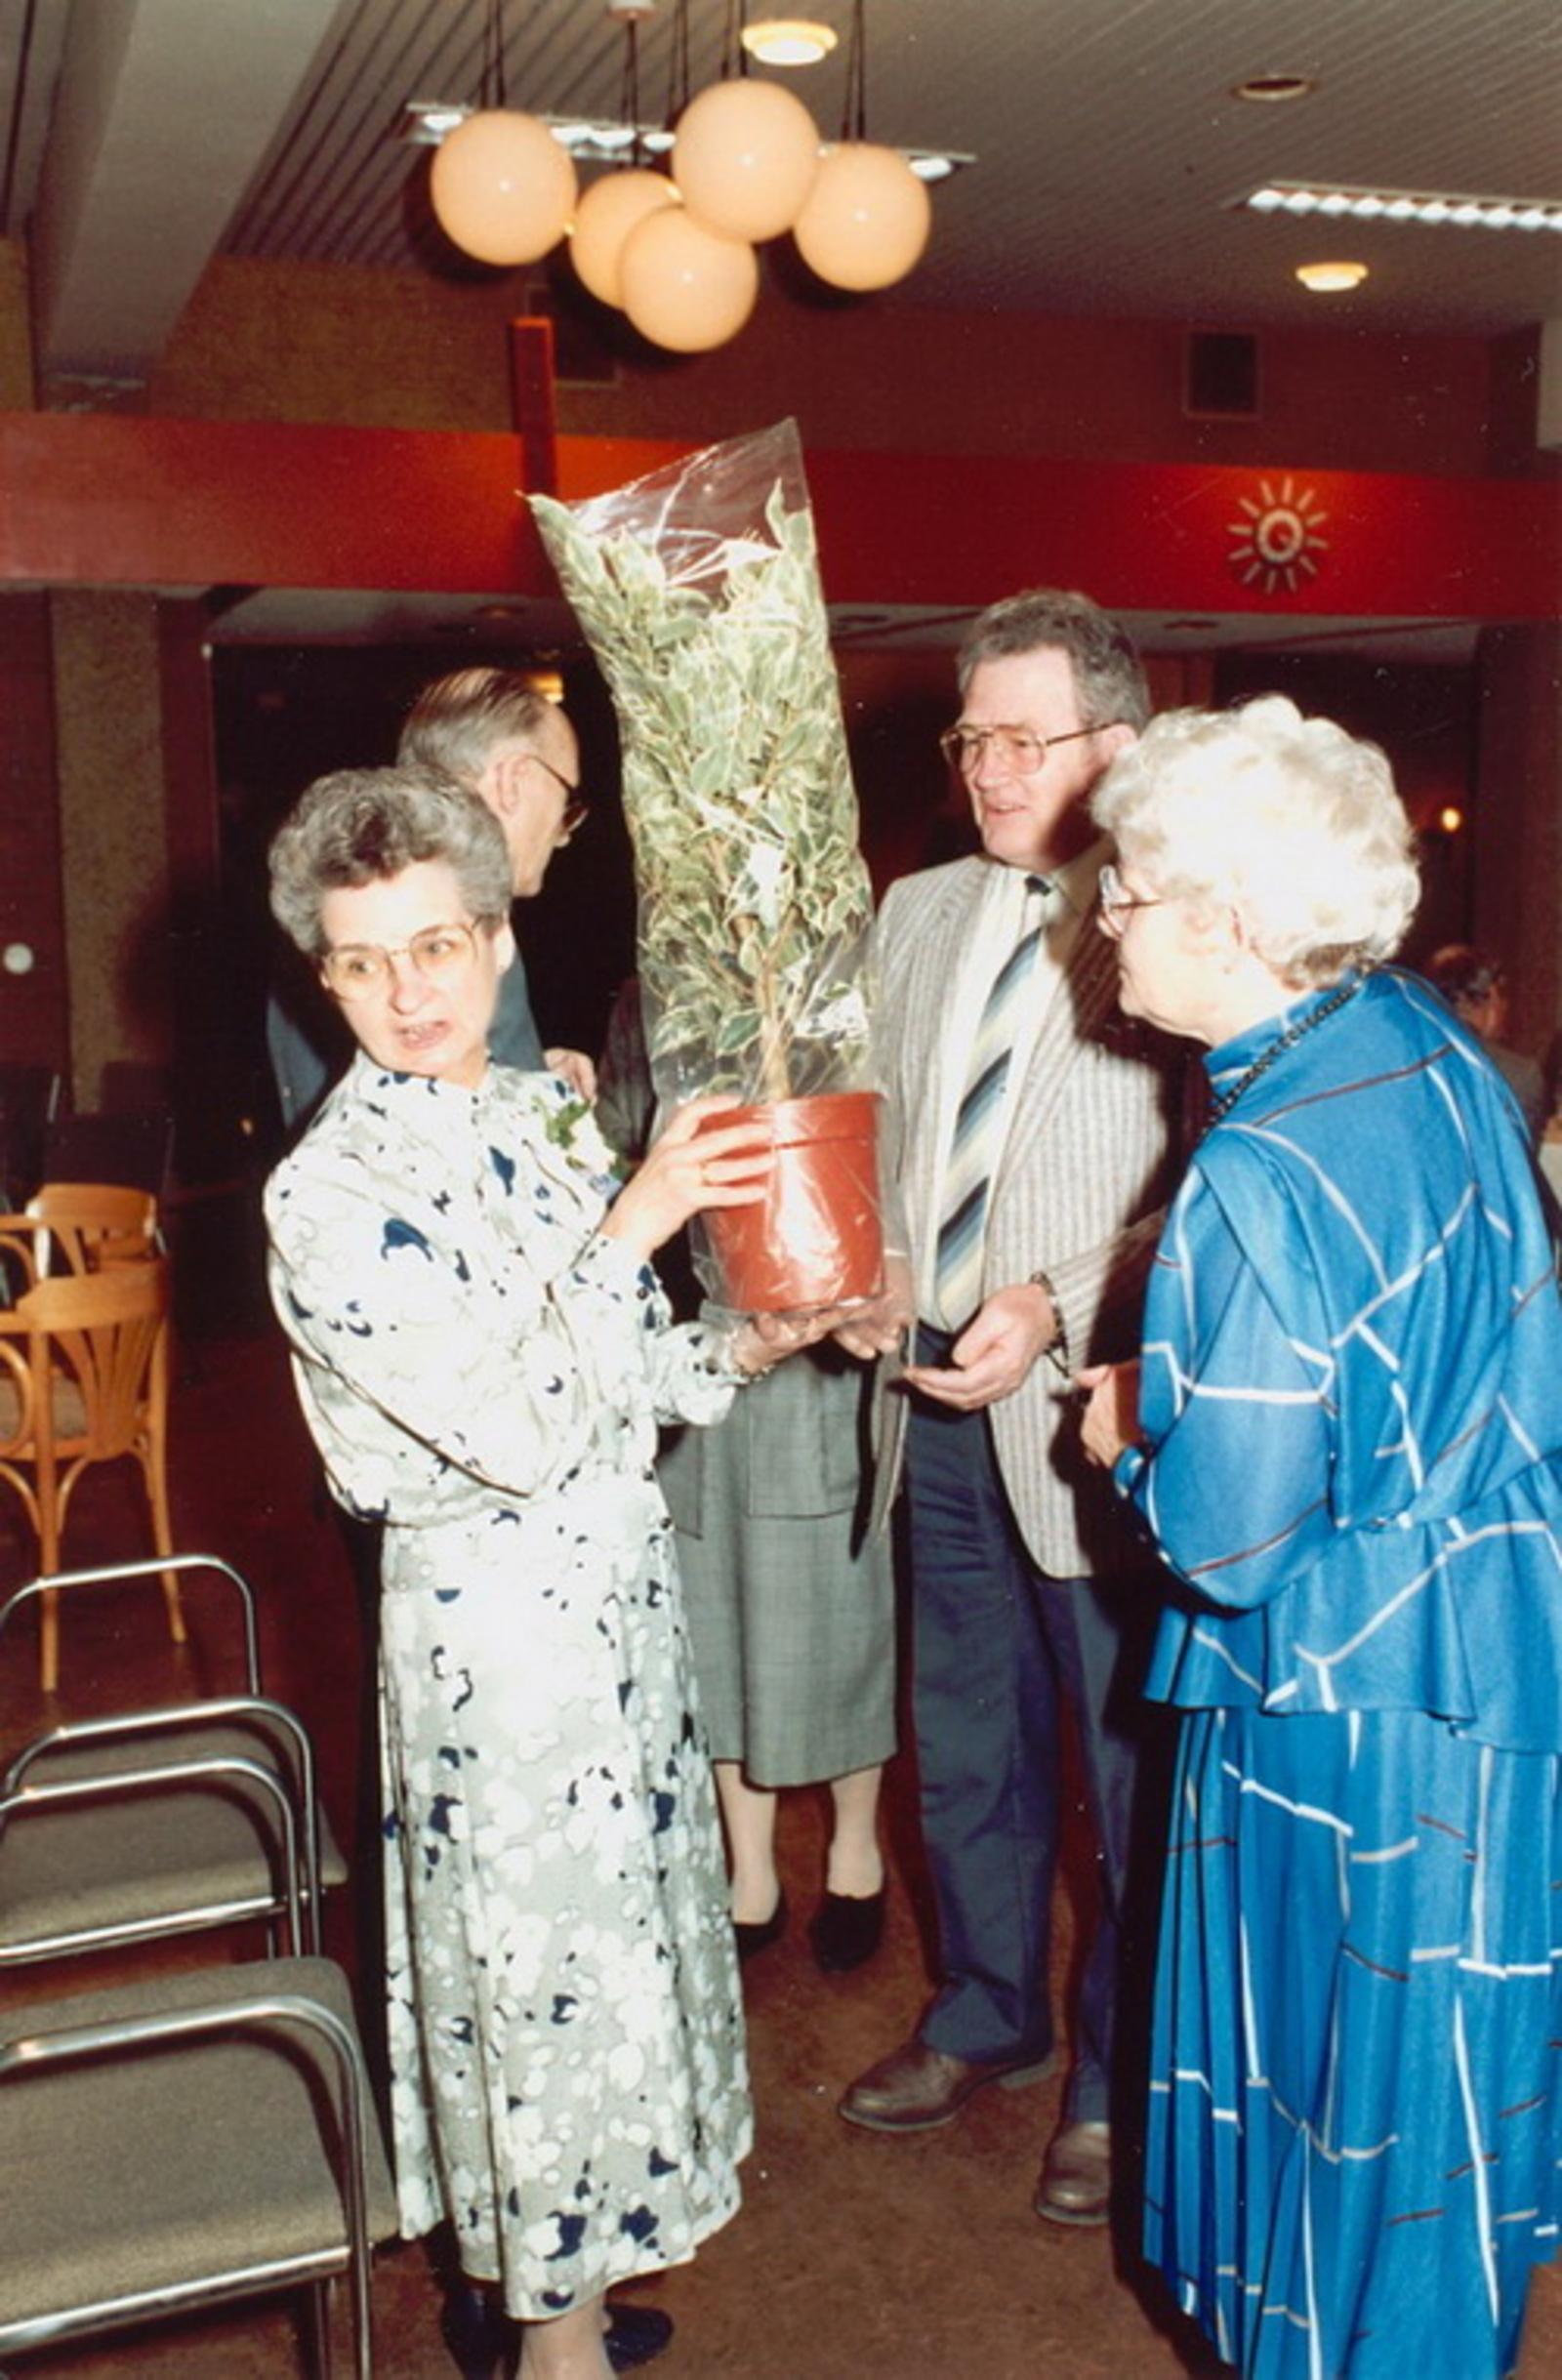 Marktlaan O 0022 1988 Sigarenboer Kraak 50jr Jub en Sluiting 66